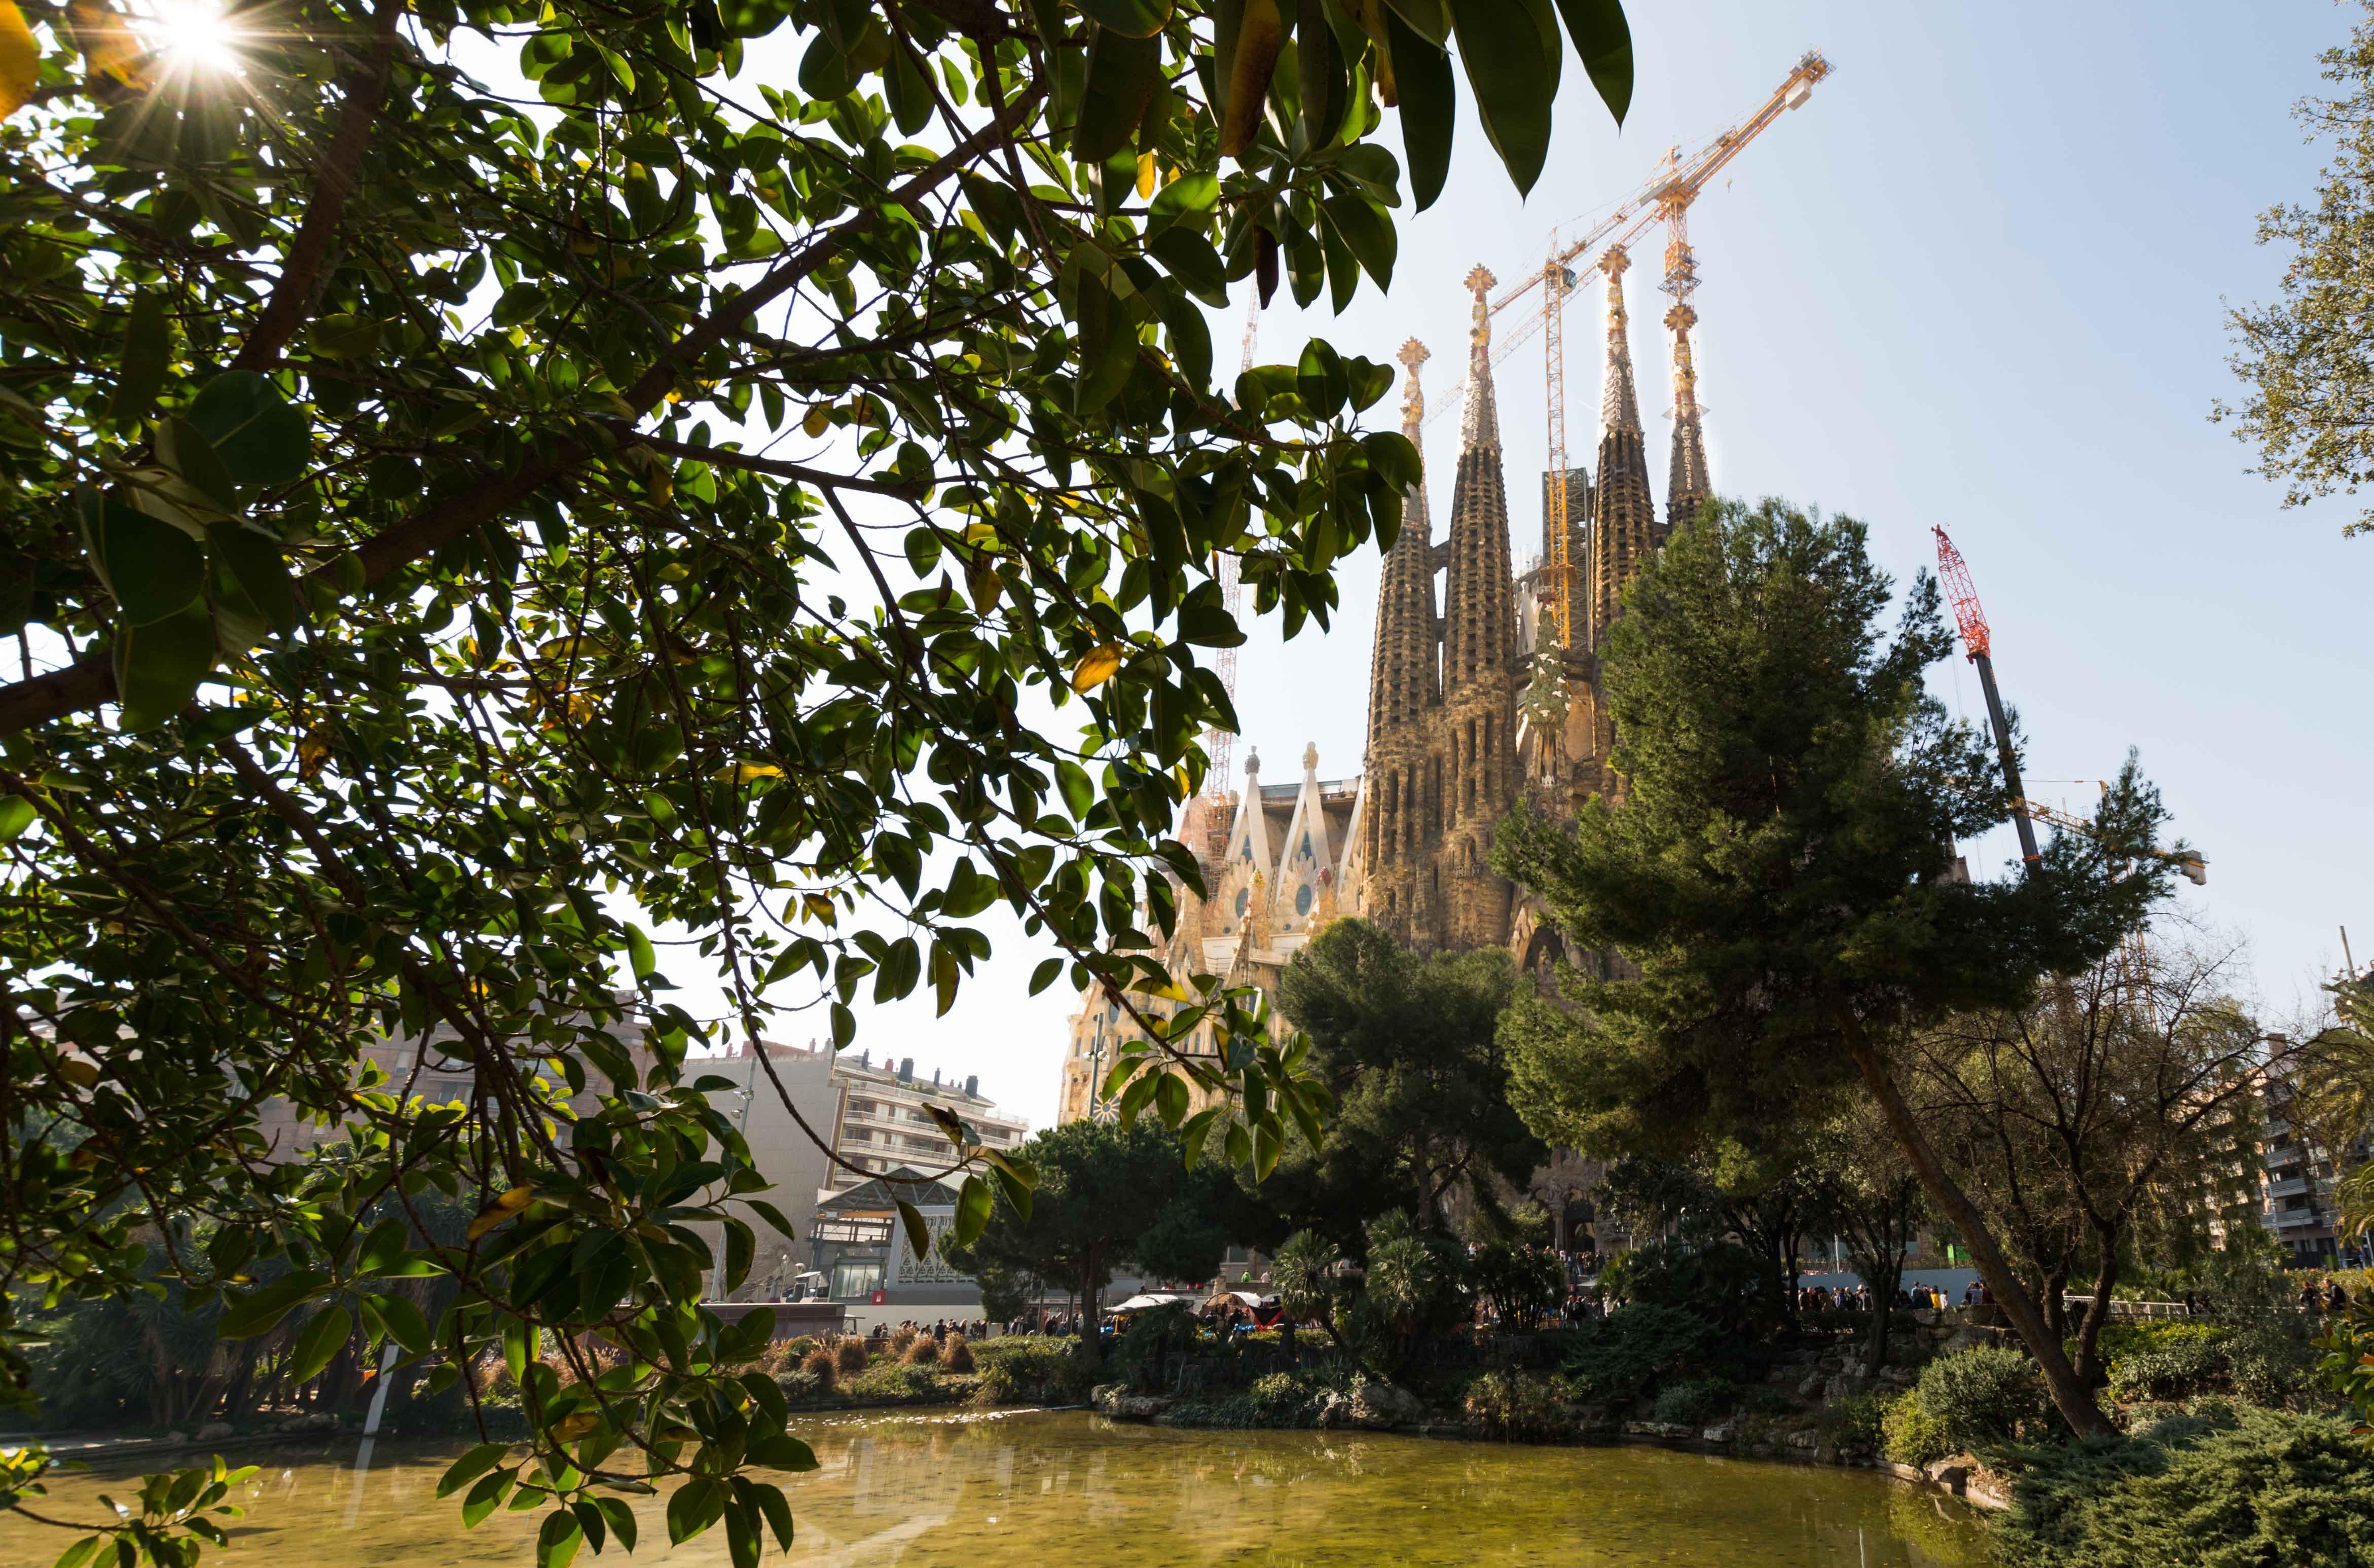 Der See im Park neben der Sagrada Familia ist ein besonders schönes Fotomotiv